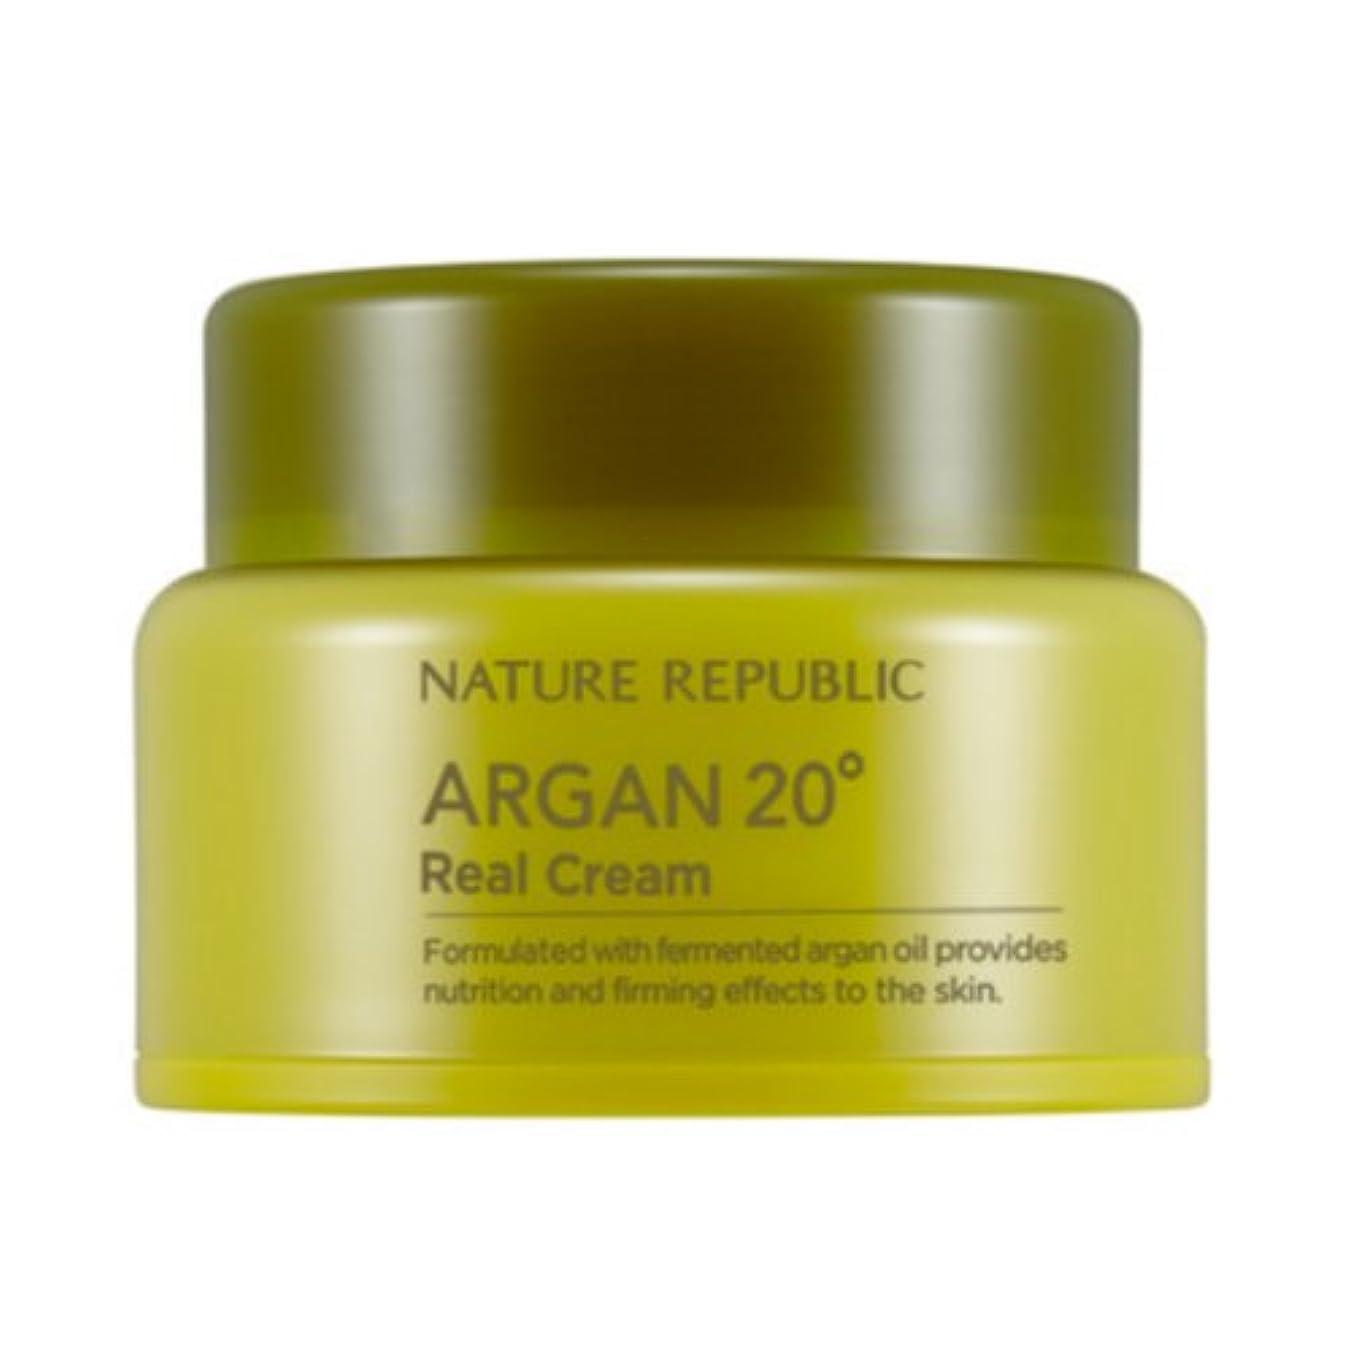 スクラブ練るスポンサー[ネイチャーリパブリック] Nature republicアルガン20ºリアルクリーム海外直送品(Argan20ºReal Cream) [並行輸入品]